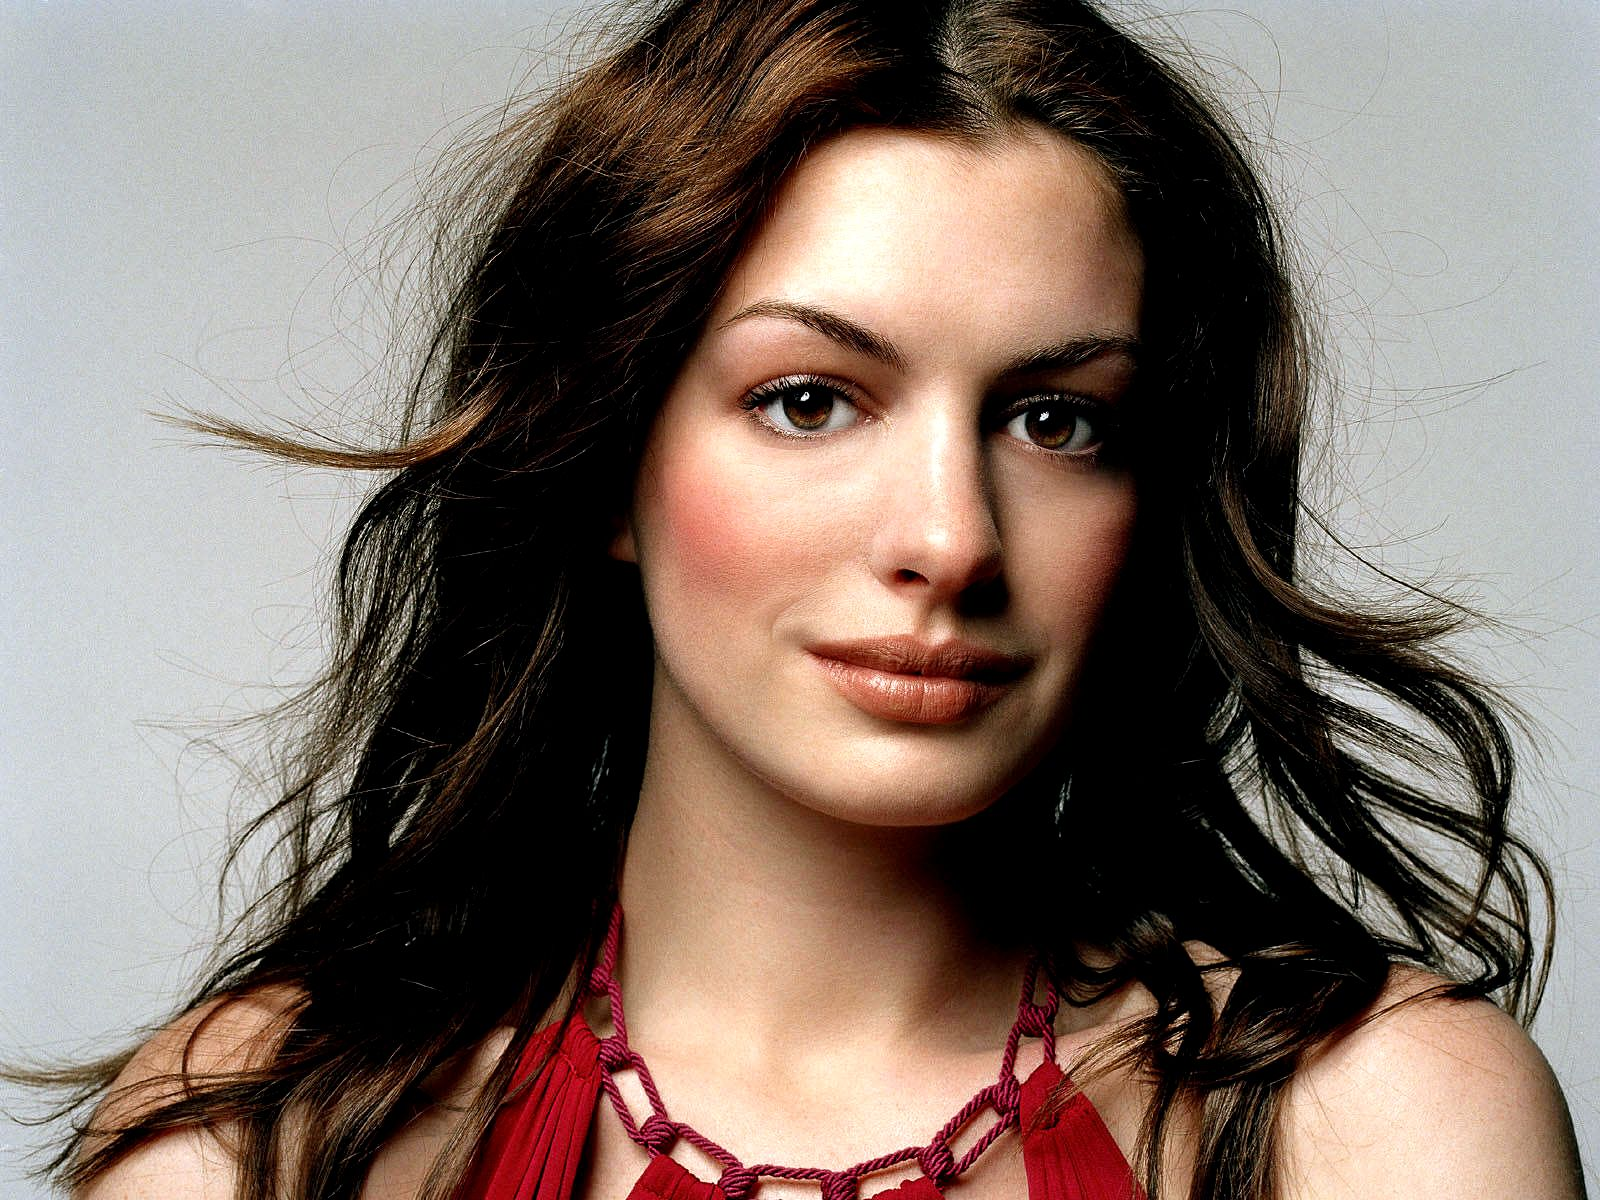 http://2.bp.blogspot.com/-sDHExfPHsJo/UOVAP3mQRgI/AAAAAAAAZ0A/jI8KoOqKF4w/s1600/1101-celebrity_anne_hathaway_wallpaper.jpg